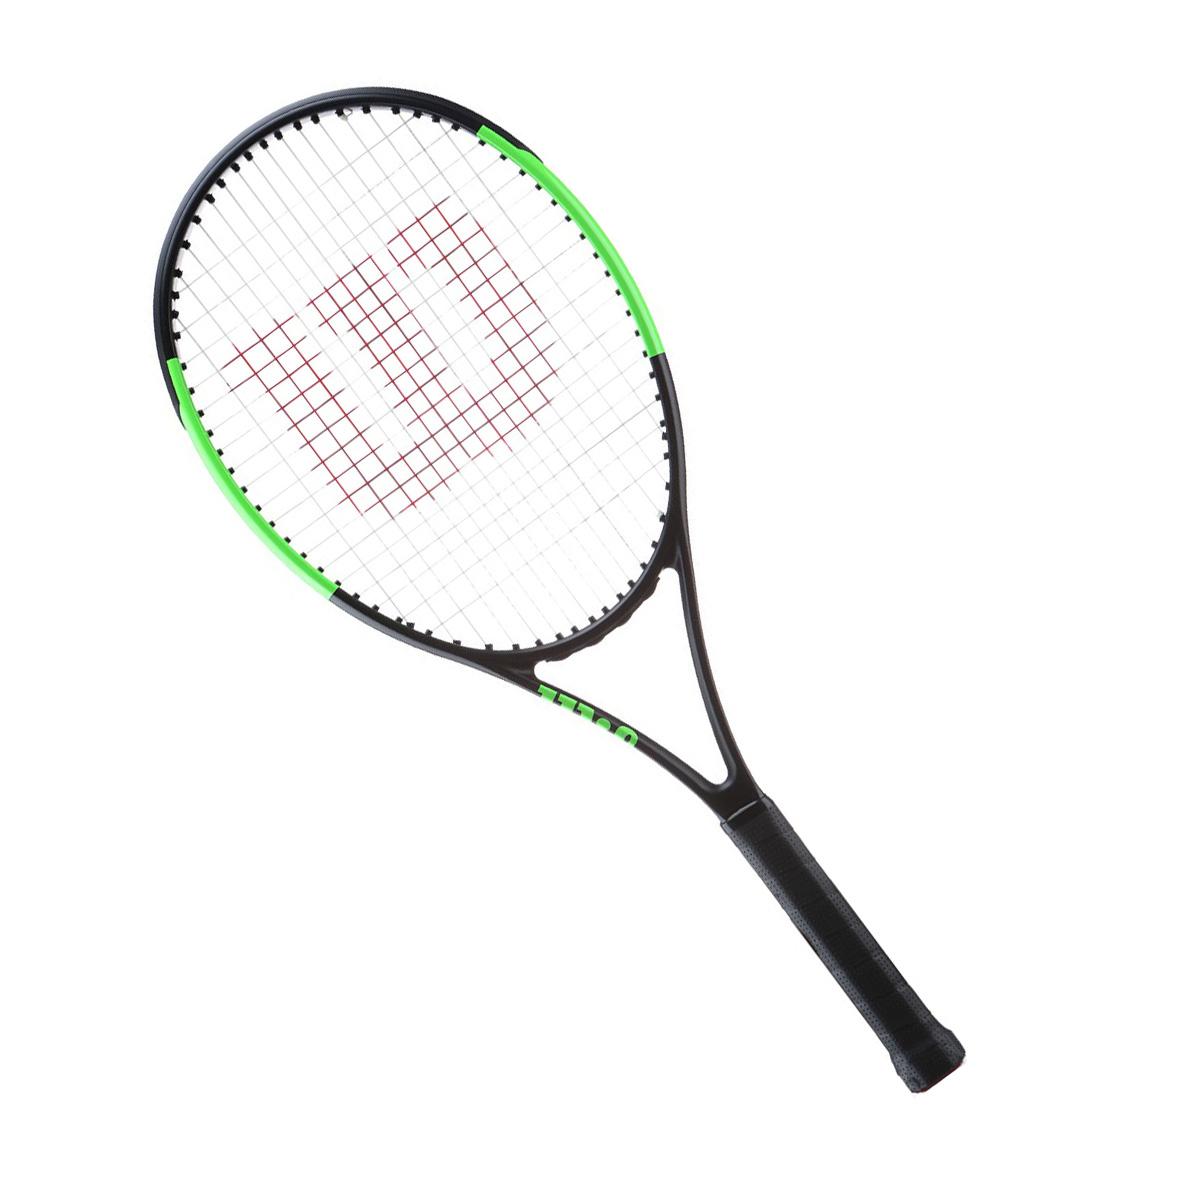 14b2bfef47 Raquete de Tênis Wilson Blade 26 Júnior - Empório do Tenista